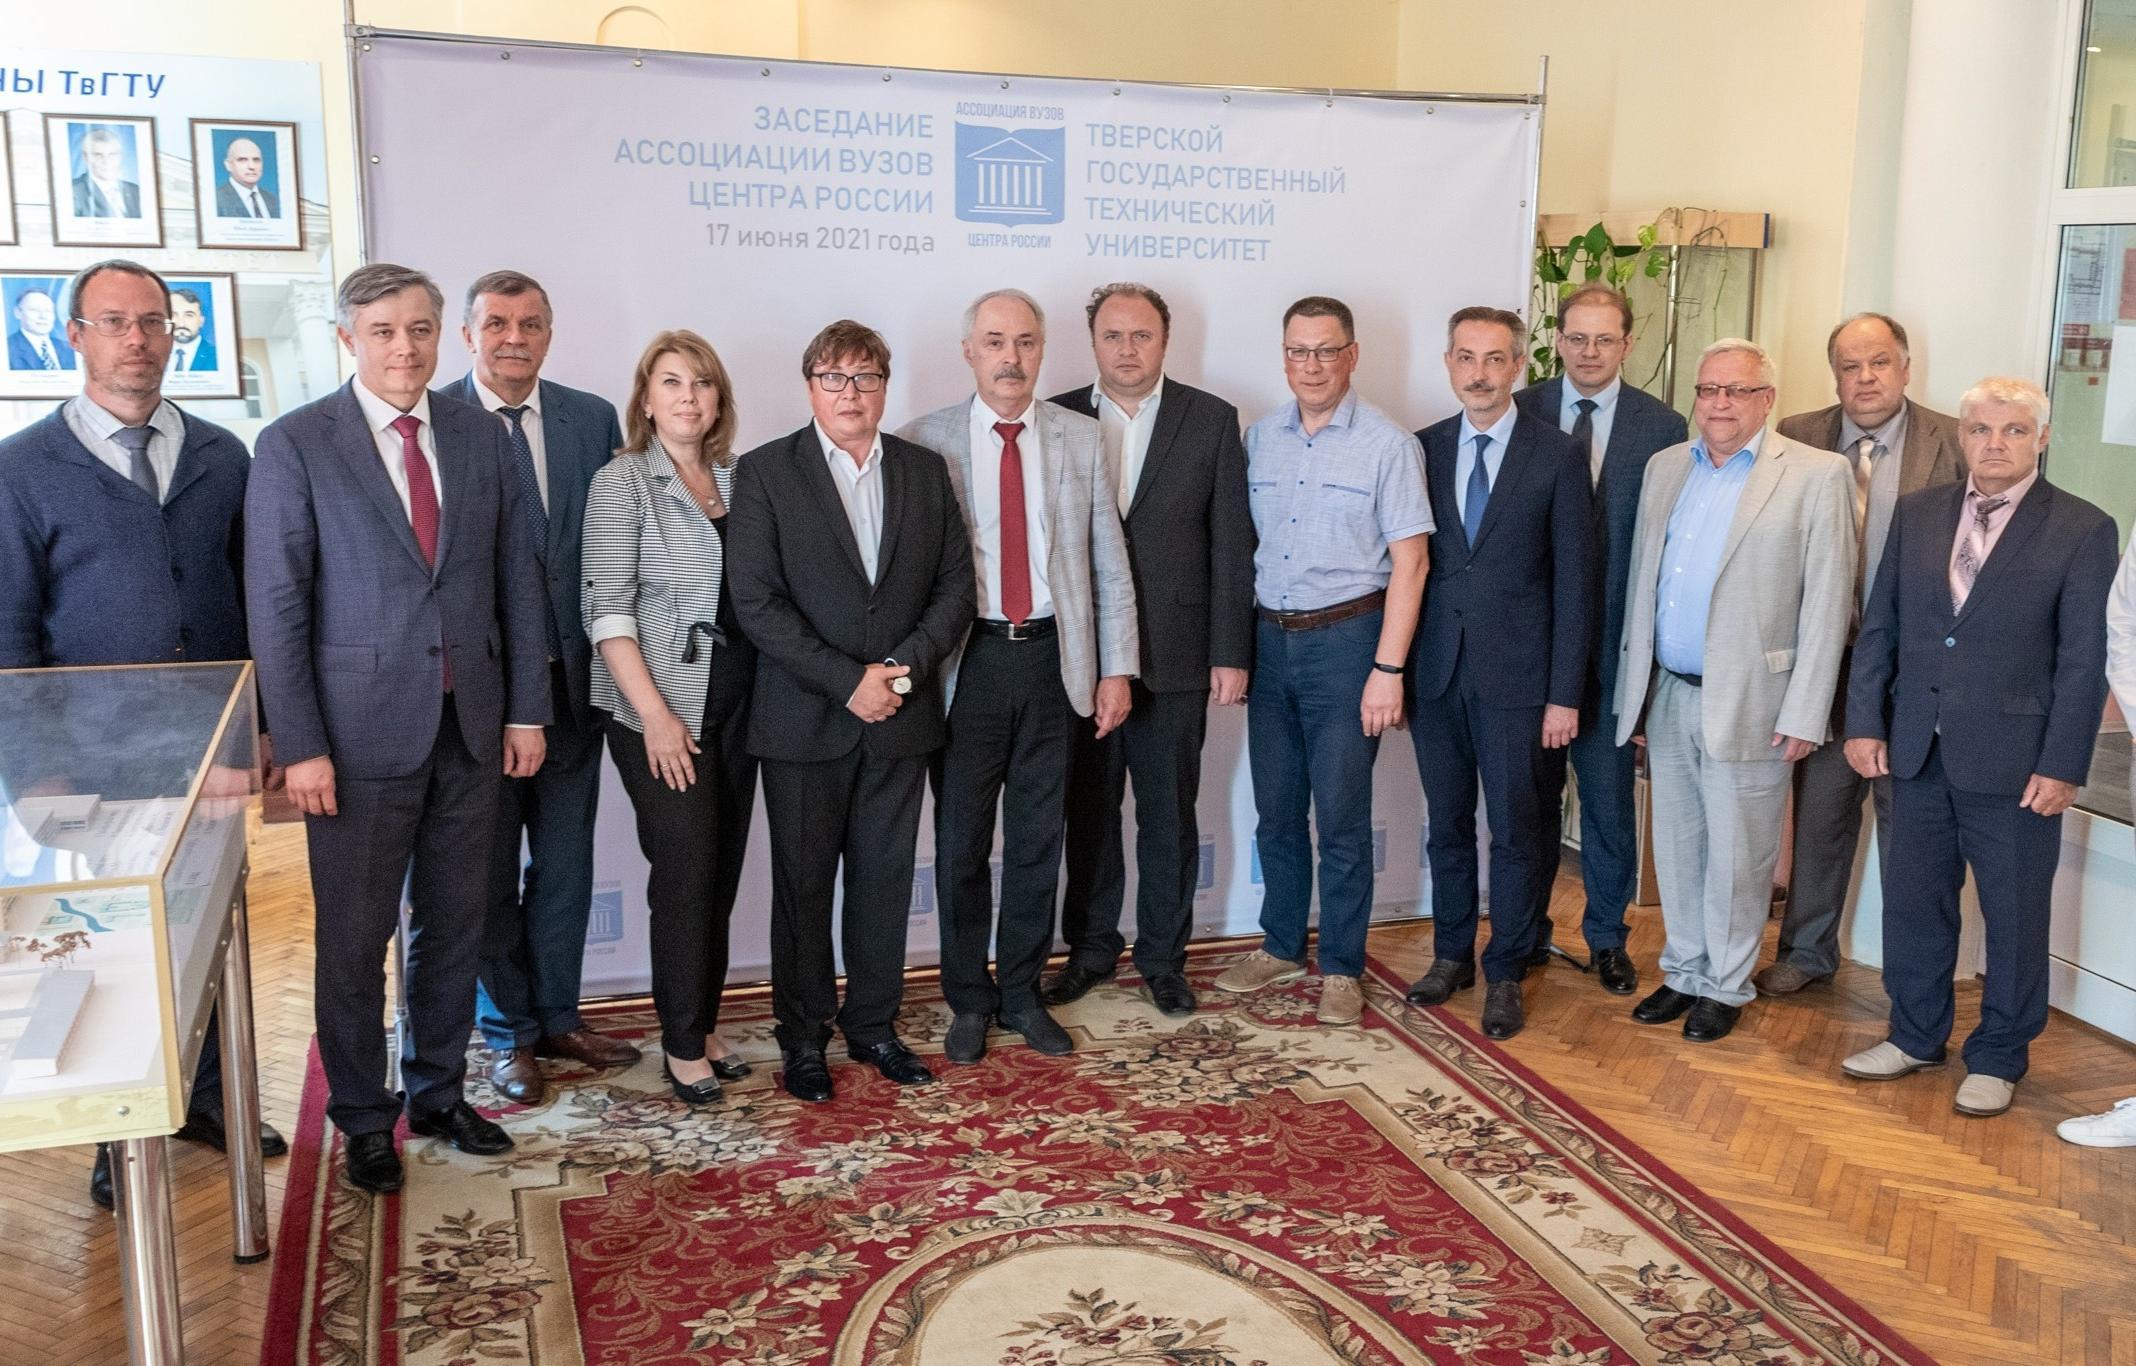 В ТвГТУ прошло заседание ассоциации вузов центра россии: университеты договорились о сотрудничестве  - новости Афанасий